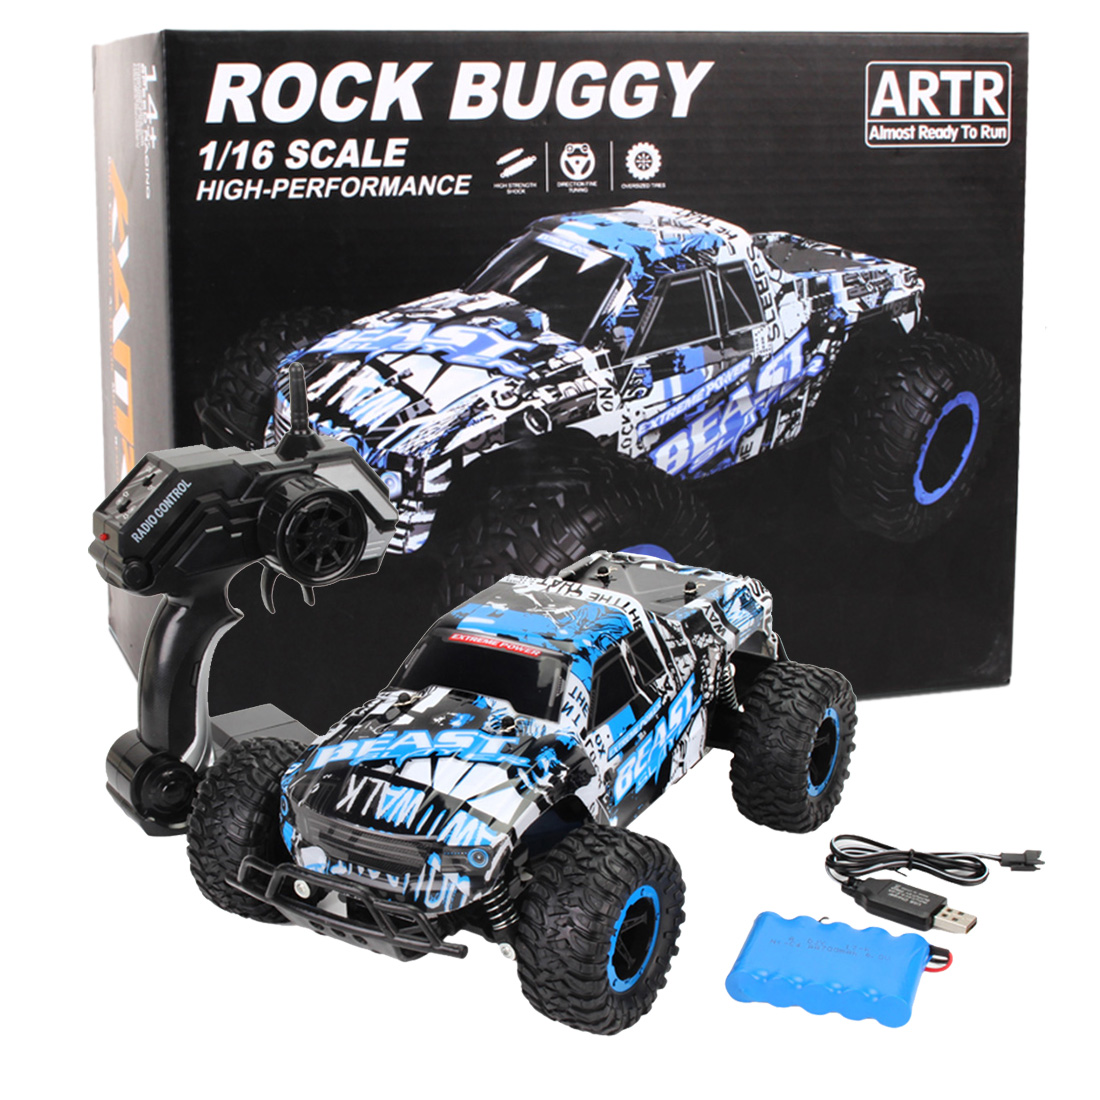 1:16 2.4G véhicule tout-terrain RC Bigfoot voiture escalade voiture pick-up voiture de course pour enfants en plein air jouant RC voiture jouets cadeau d'anniversaire